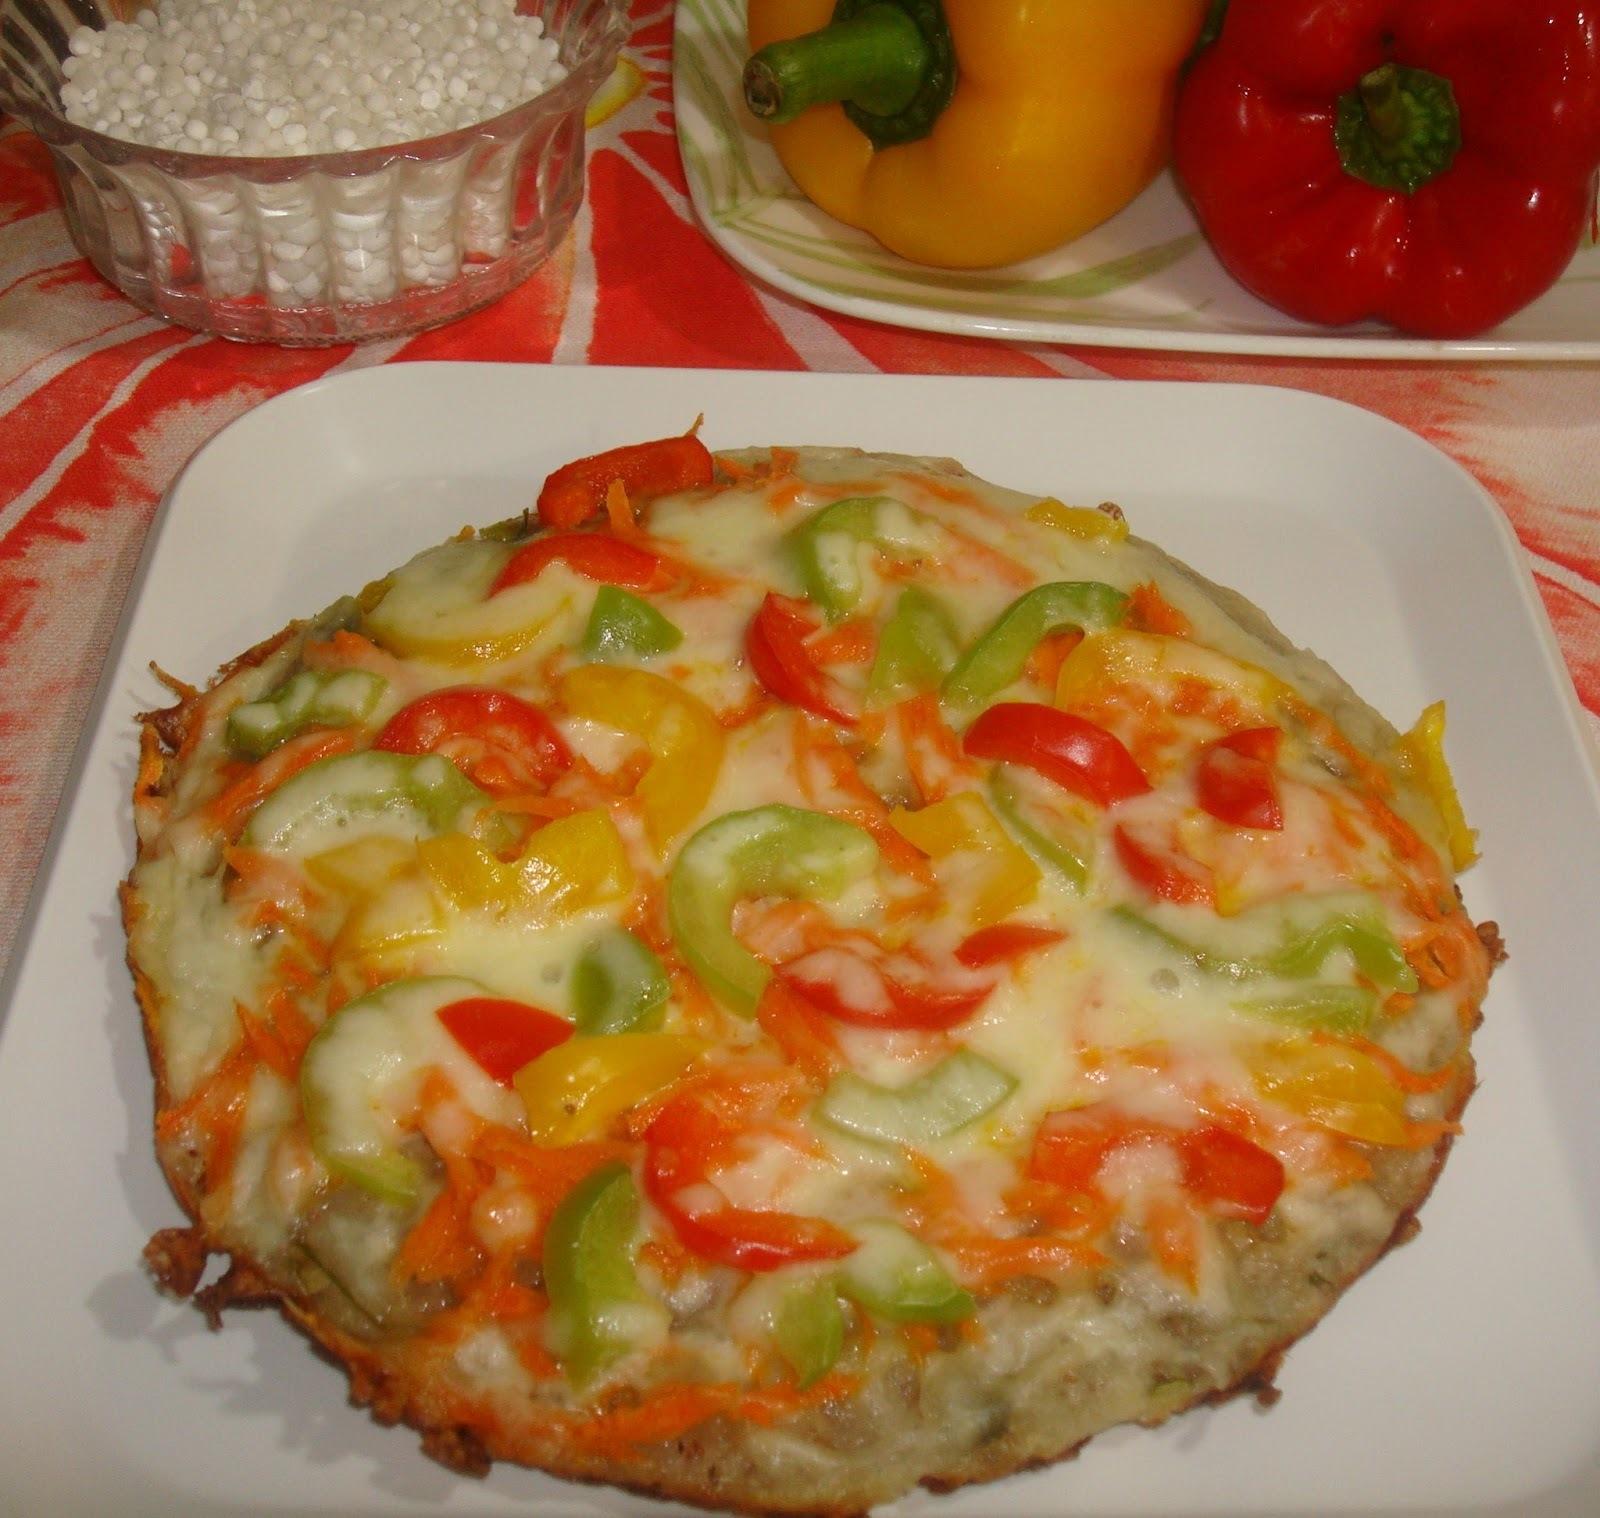 Sabudana (sago) Pizza